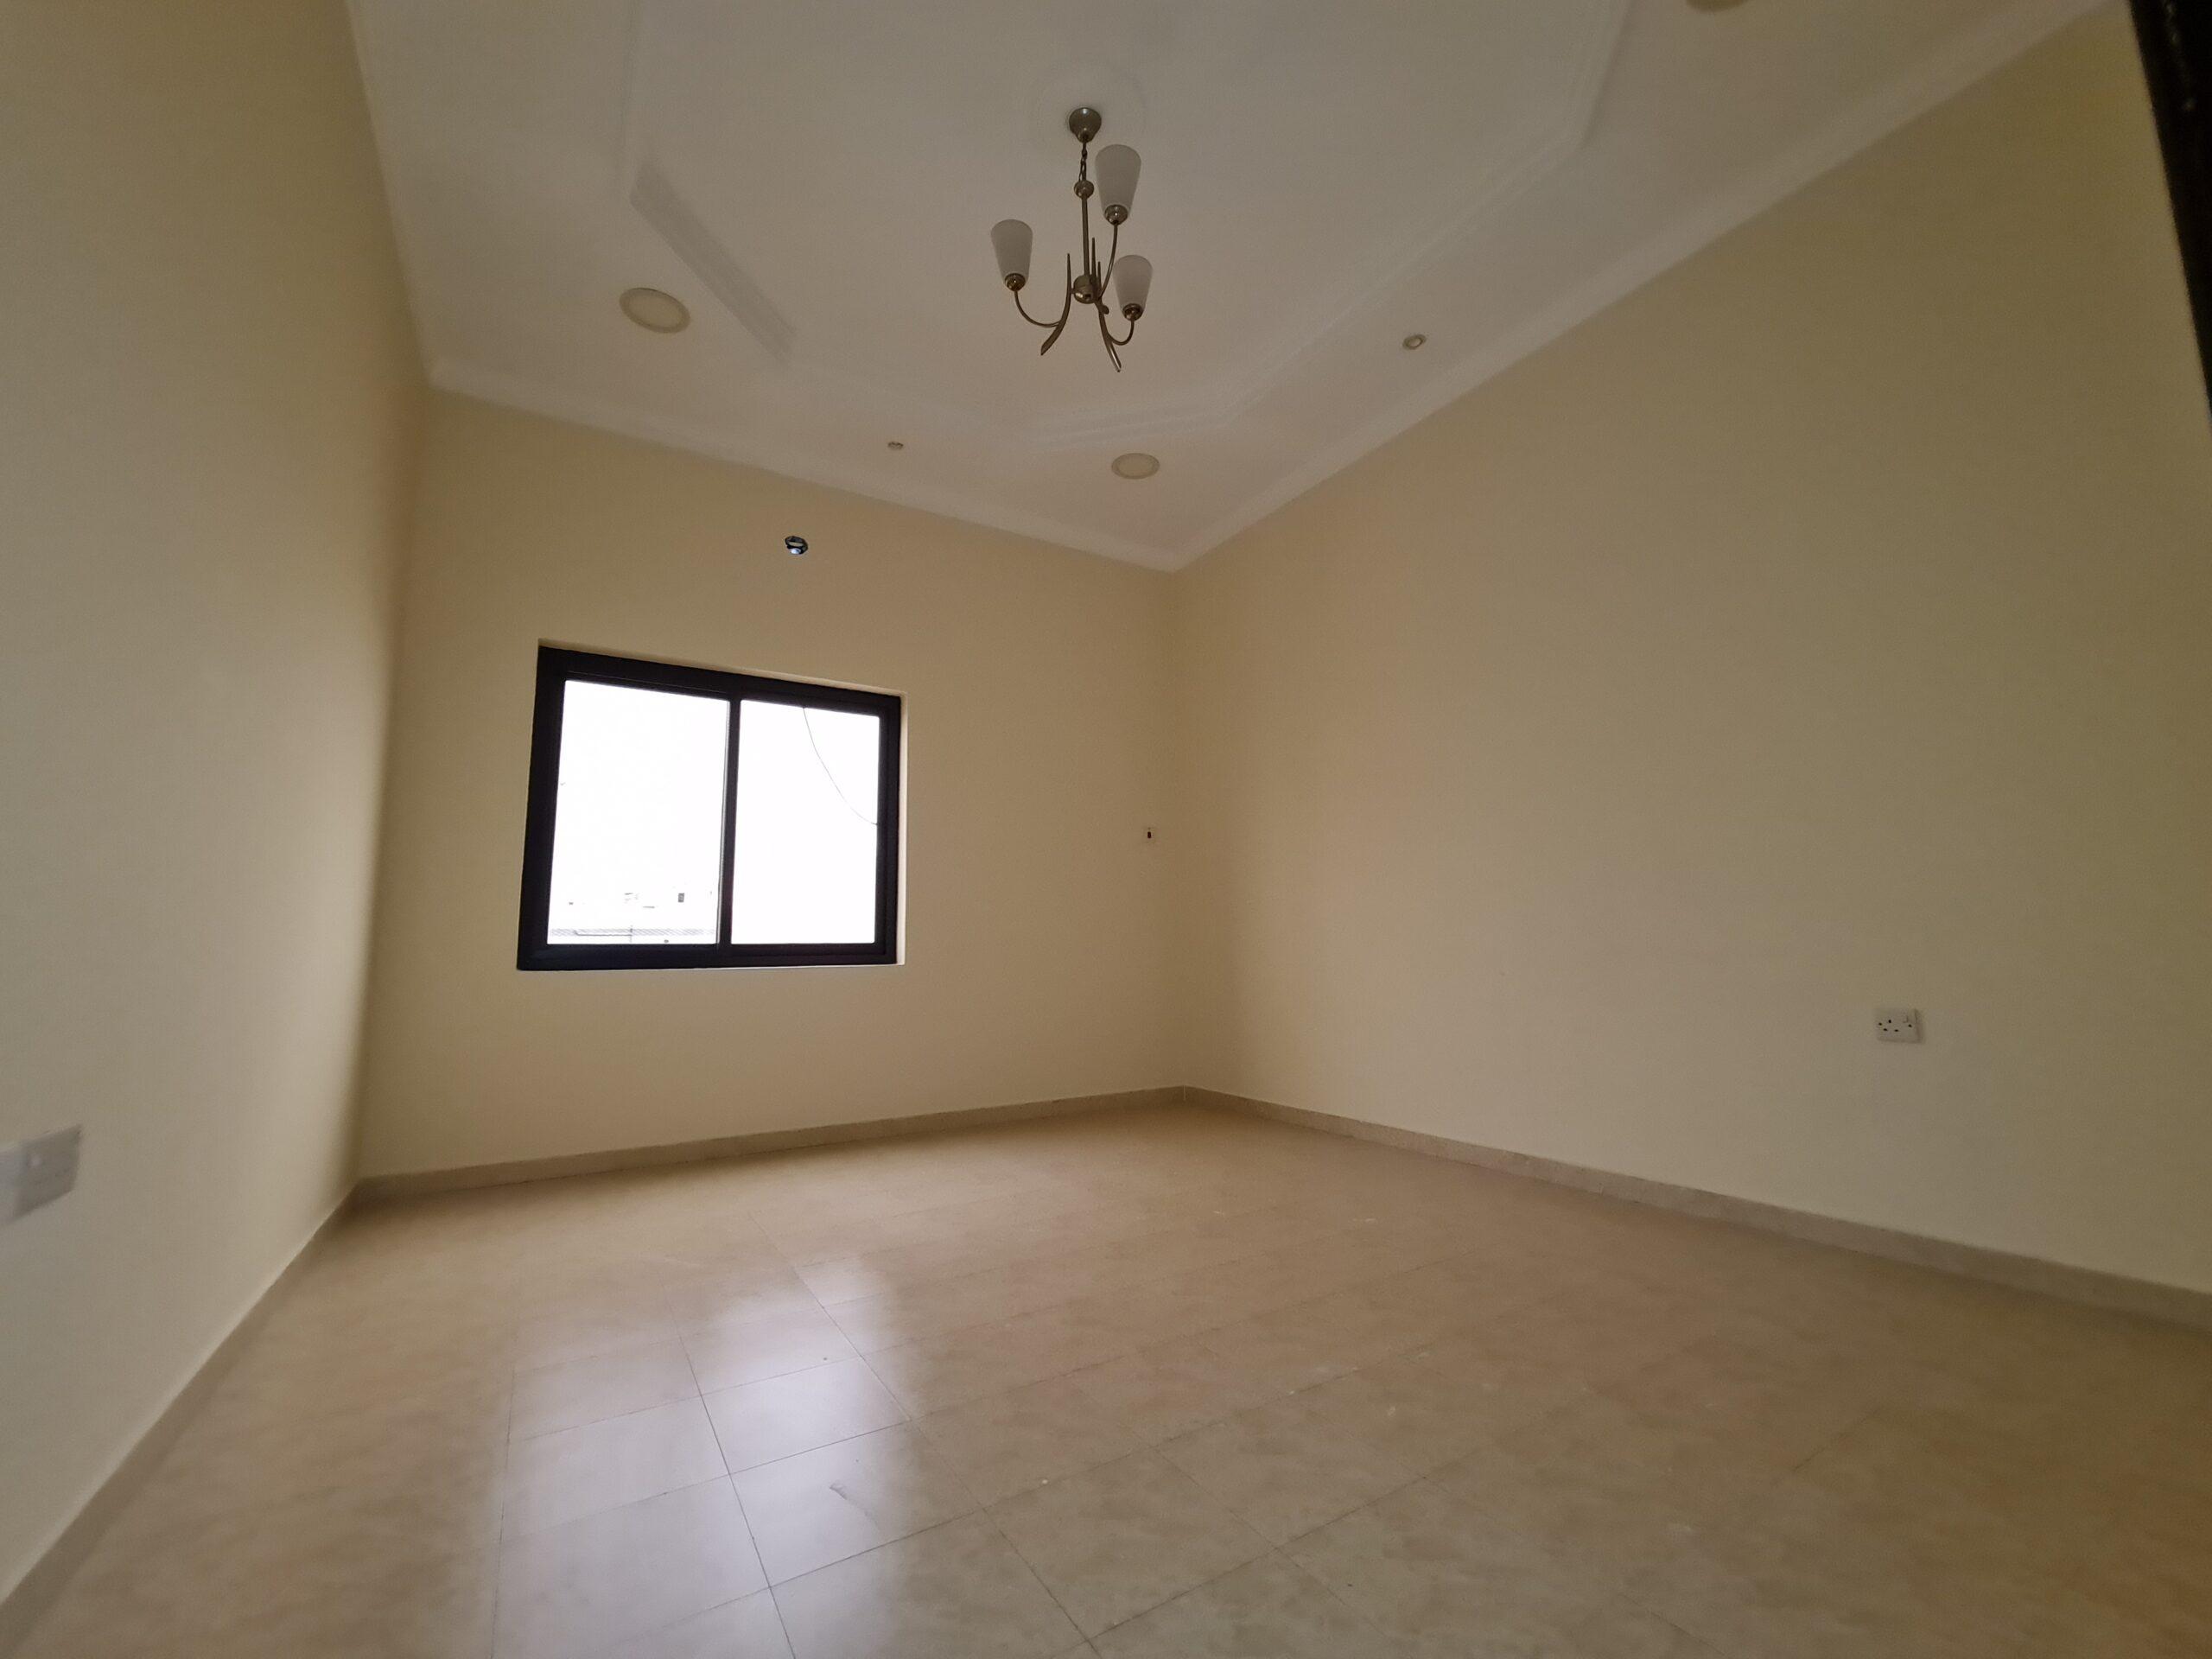 للإيجار مكتب تجاري واسع بمنطقة جرداب شارع 77، بمساحة 160.00 متر مربع تقريباً، سعر الإيجار -/ 300  بالشه